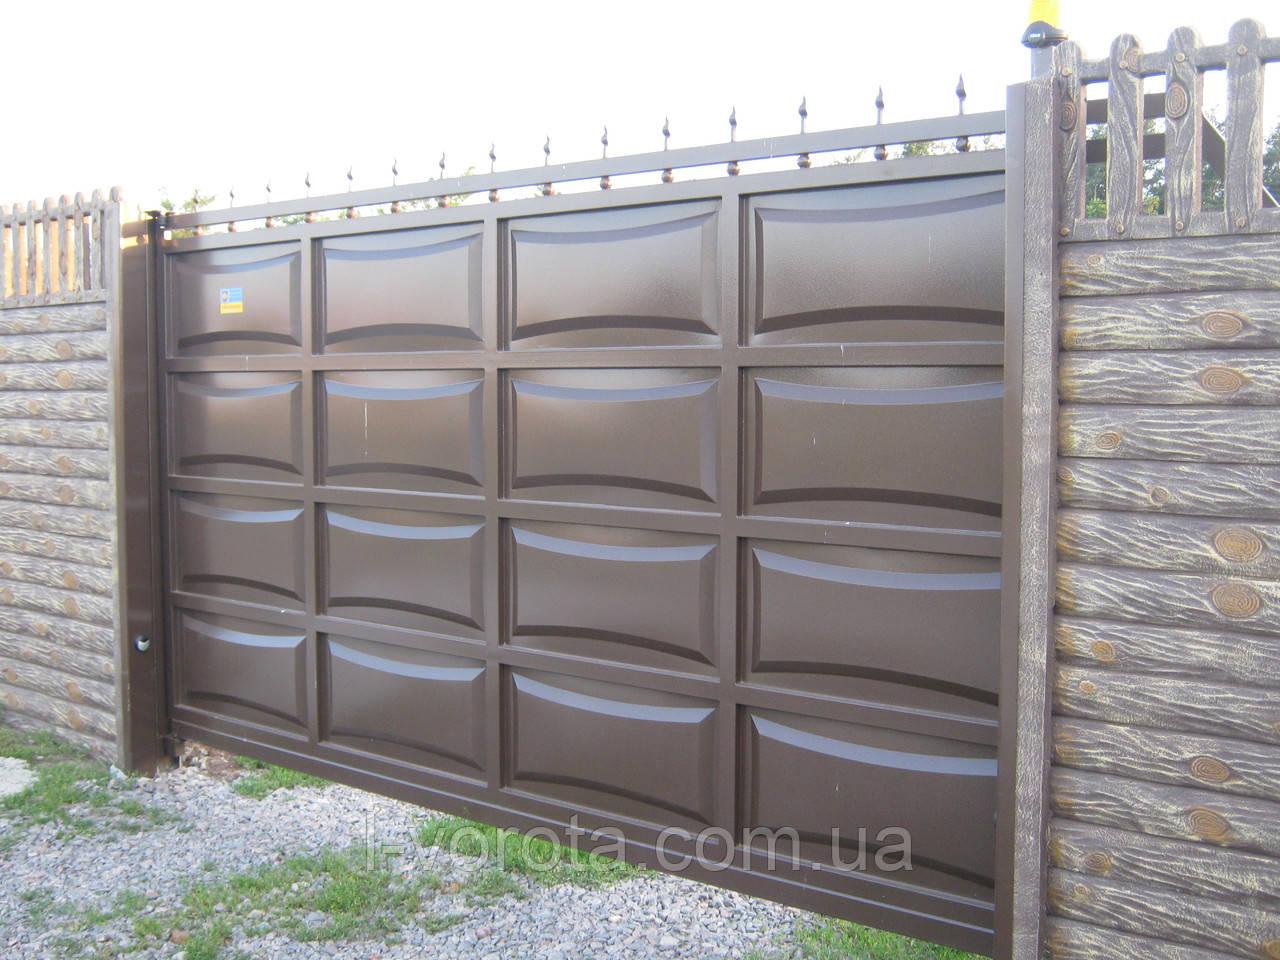 Филенчатые автоматические откатные ворота 4000, 2000 (дизайн линза)